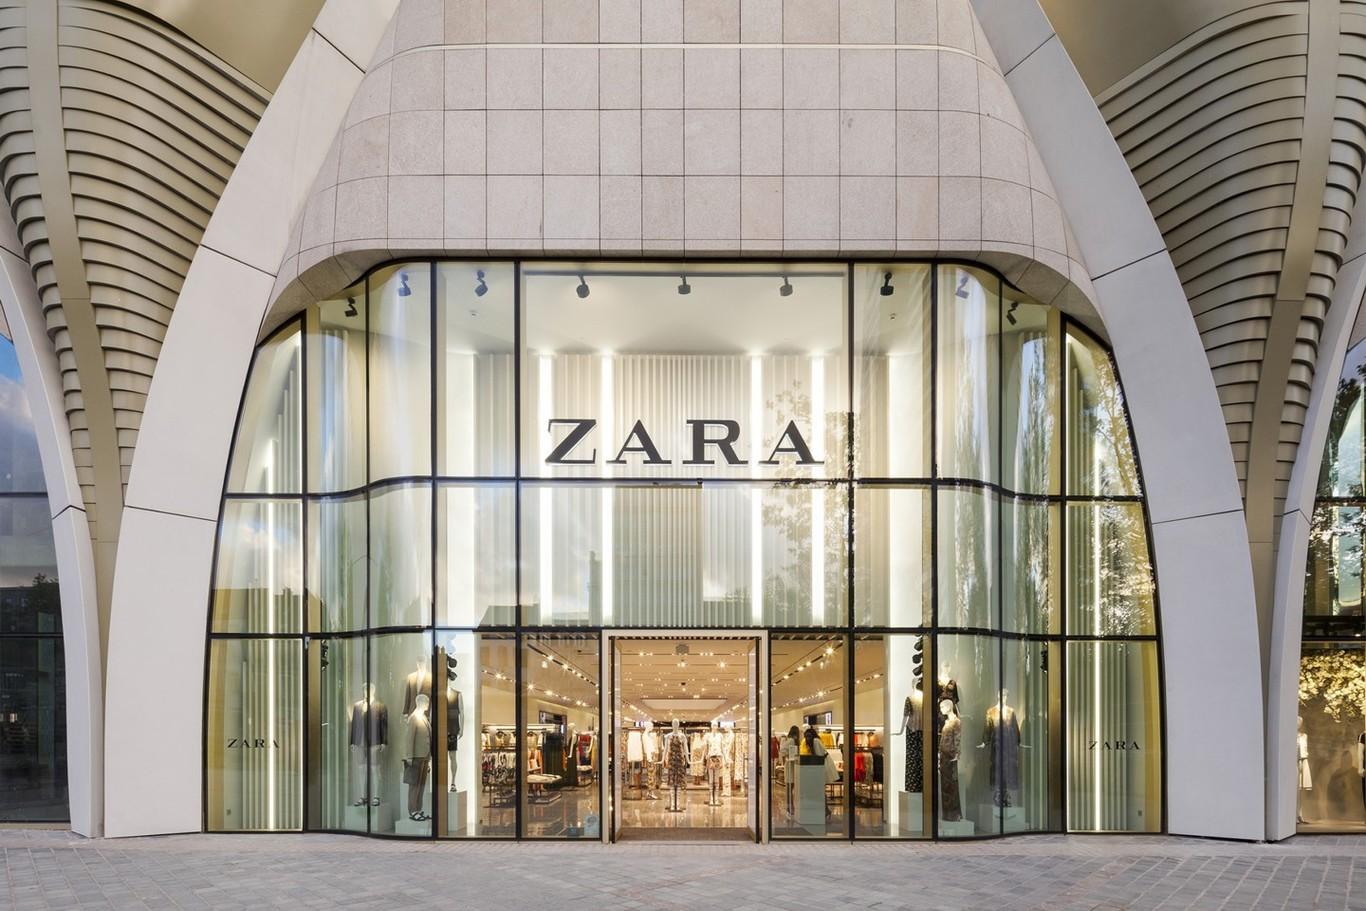 29 datos alucinantes sobre el funcionamiento de Zara que hemos descubierto  visitando su sede en Arteixo 42ae038329e